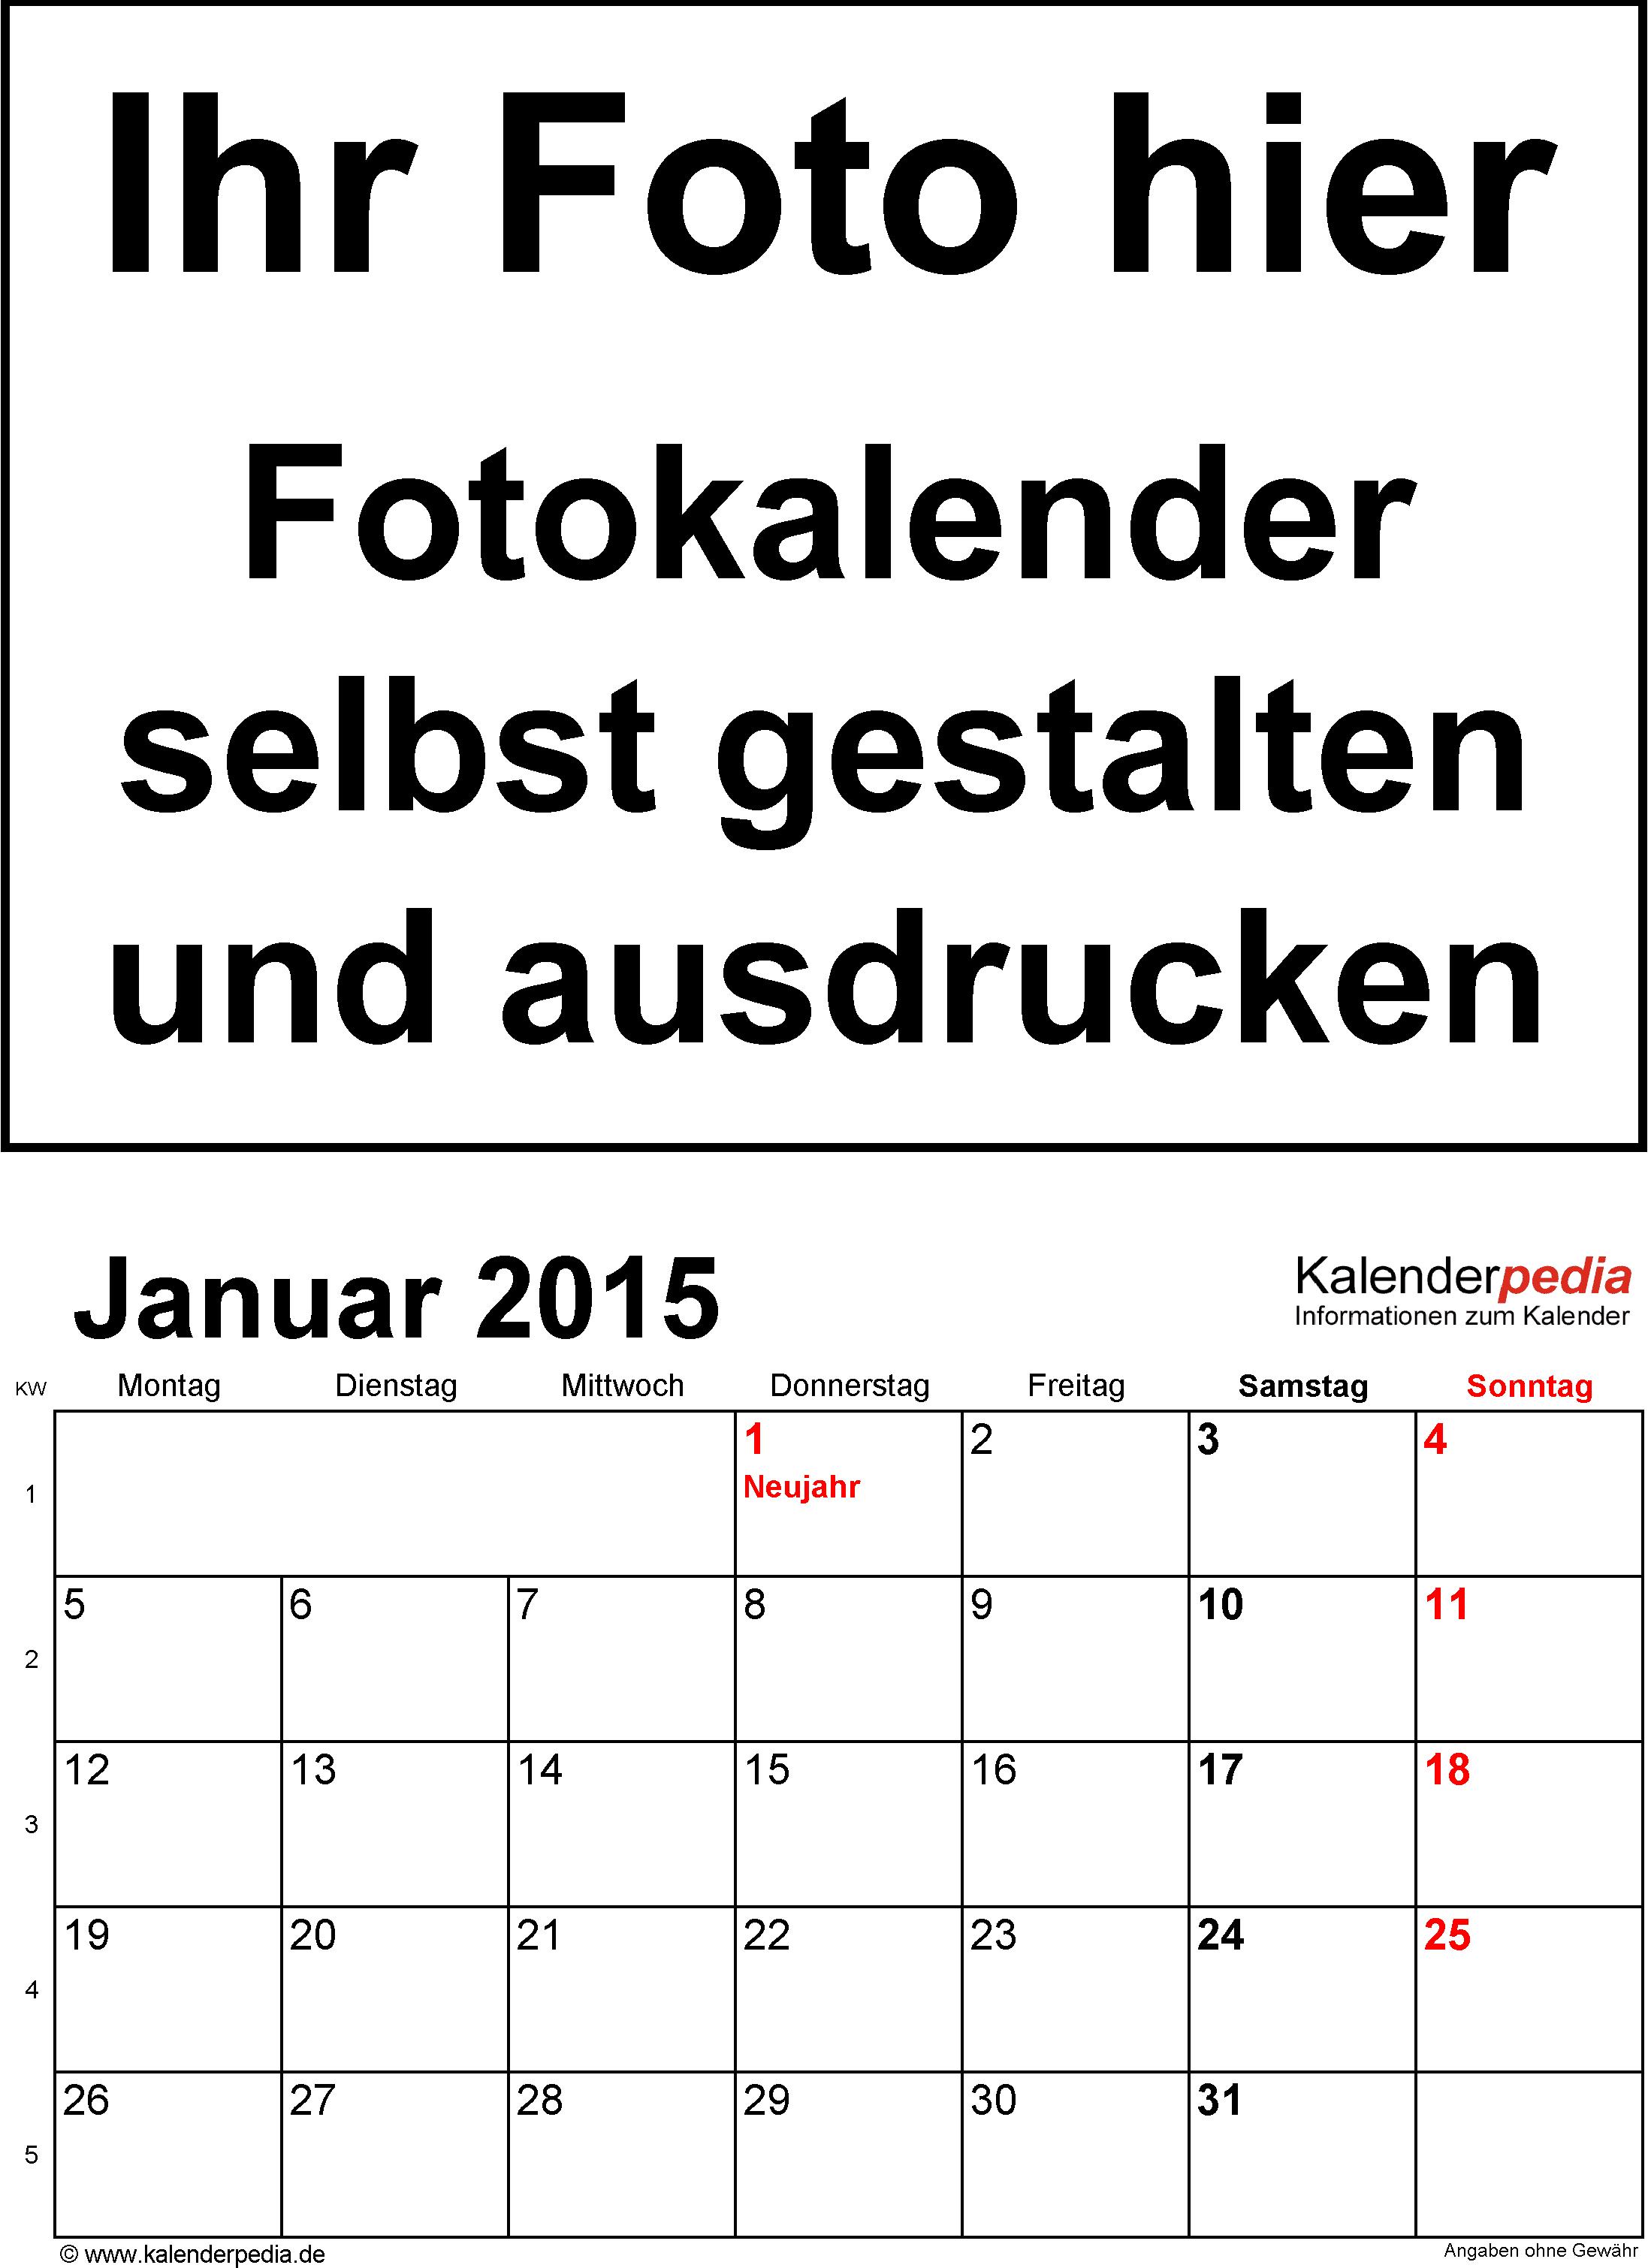 Vorlage 1: PDF-Vorlage für Fotokalender 2015 (Hochformat, 12 Seiten)